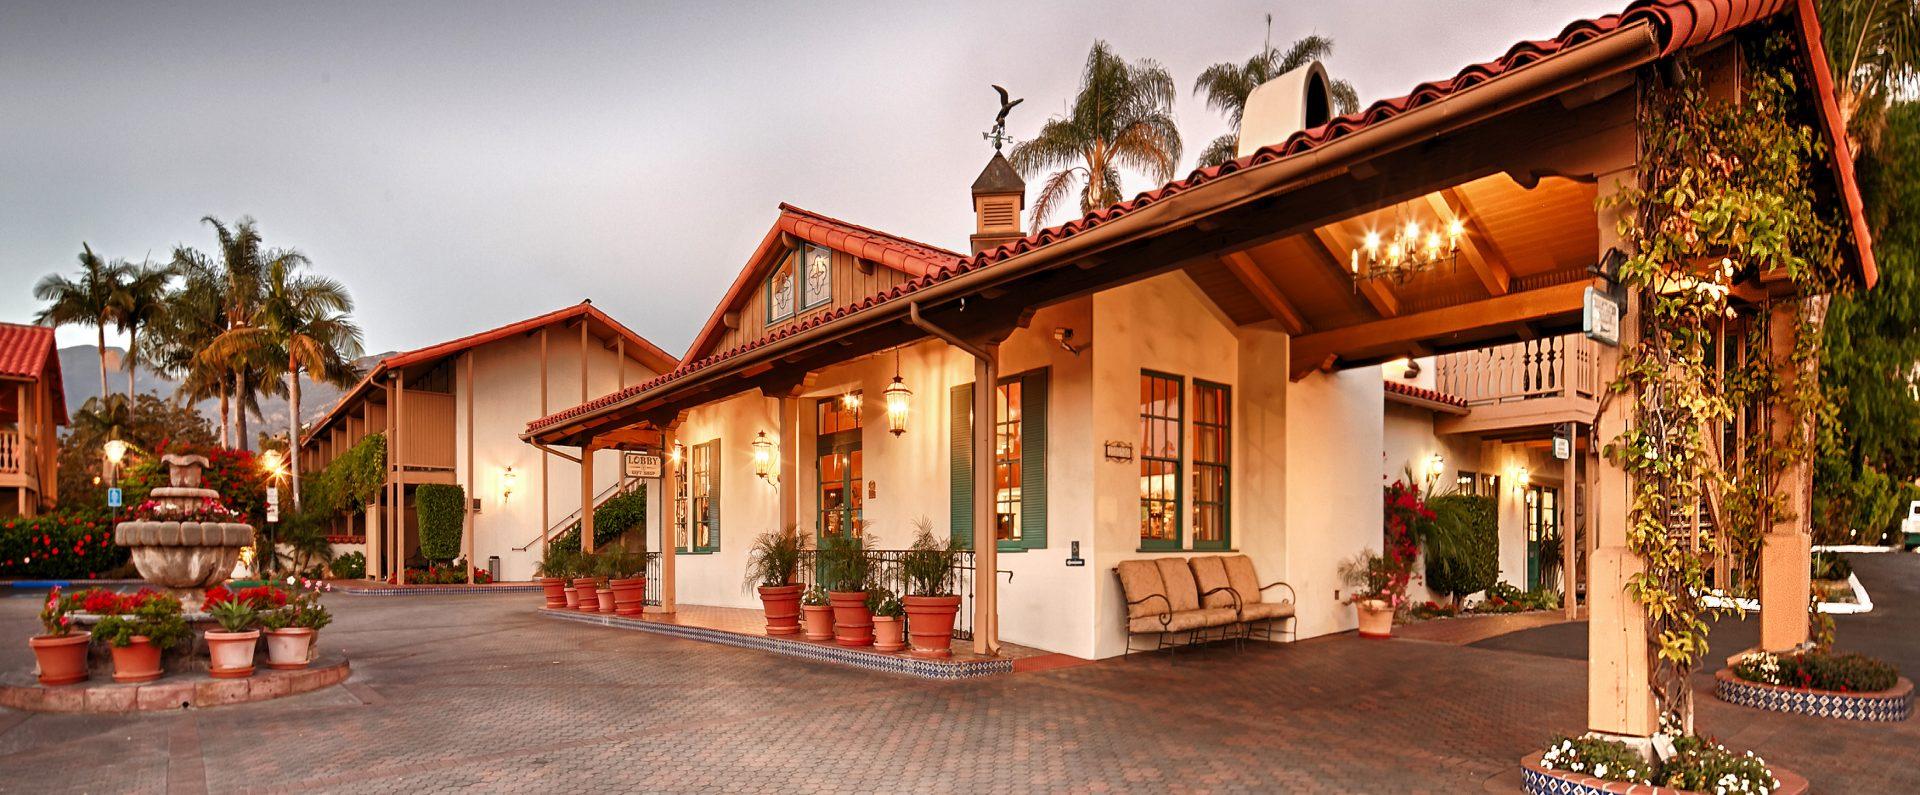 santa barbara hotels santa barbara hotel group